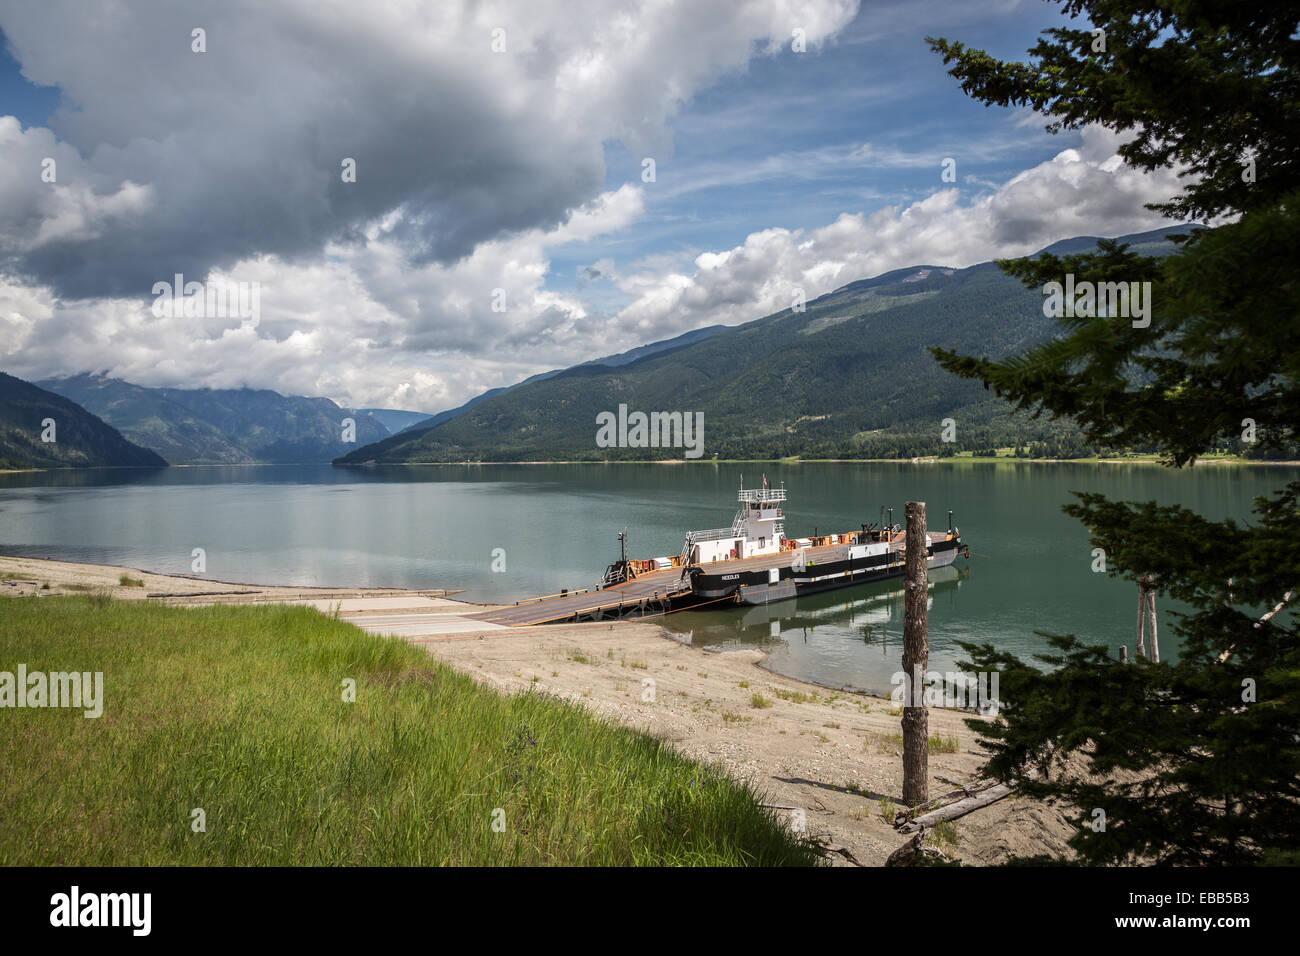 Überfahrt am Fauquier Nadeln auf der Upper Arrow Lake, British Columbia, Kanada, Nordamerika. Stockfoto